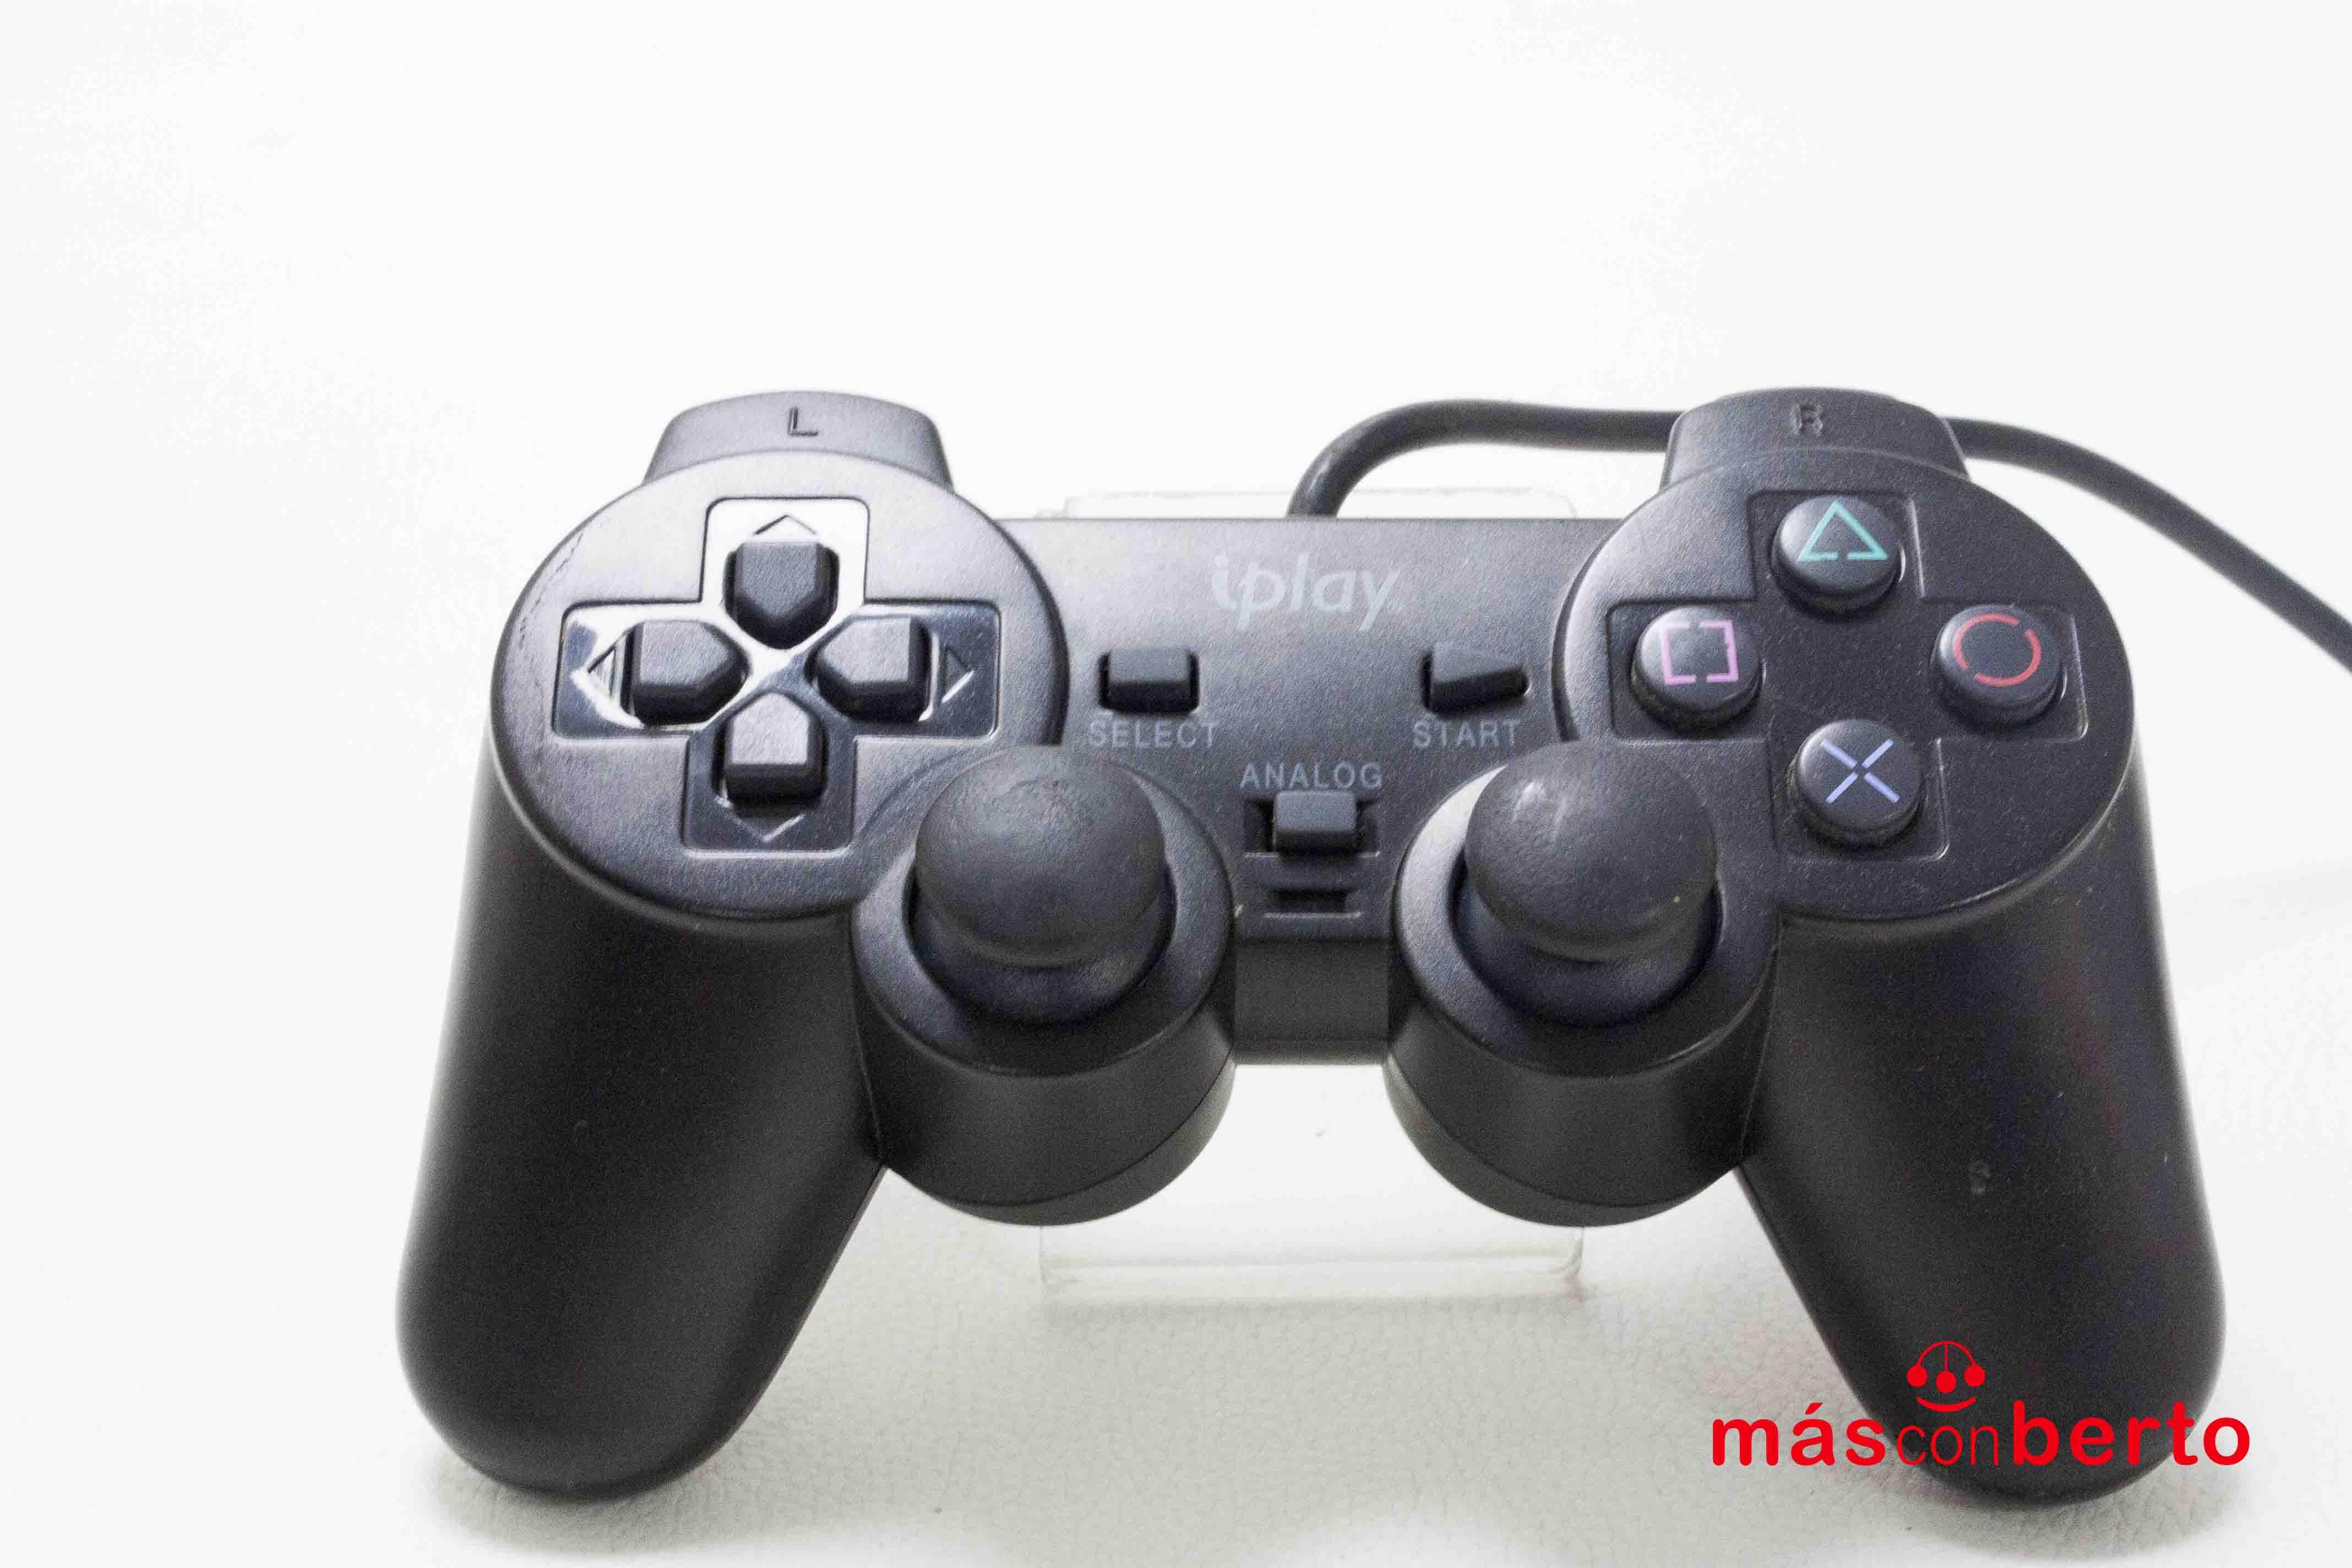 Mando compatible PS2 Iplay